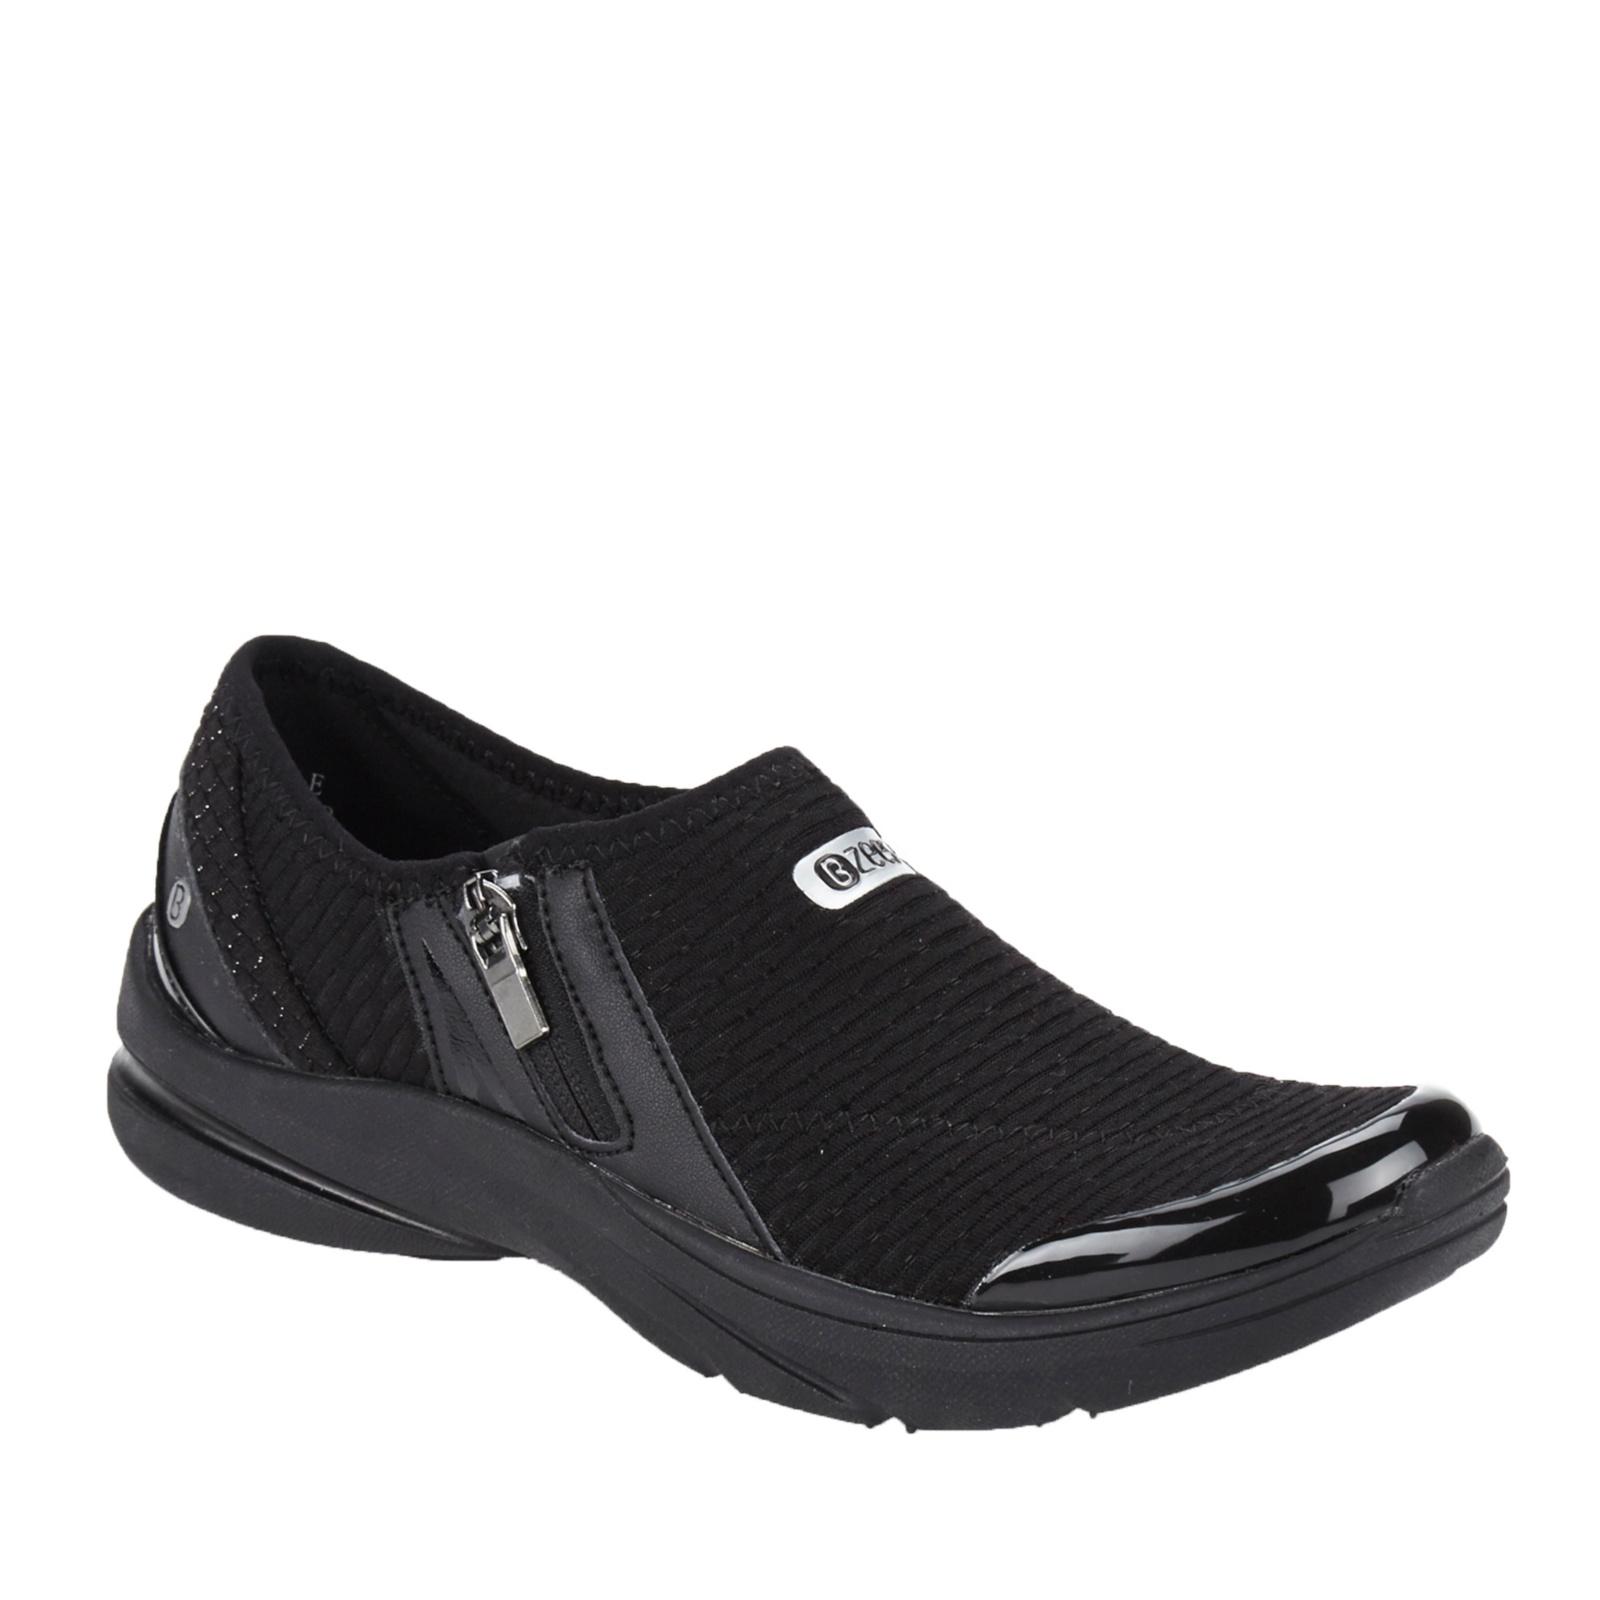 Bzees Shoes Sale